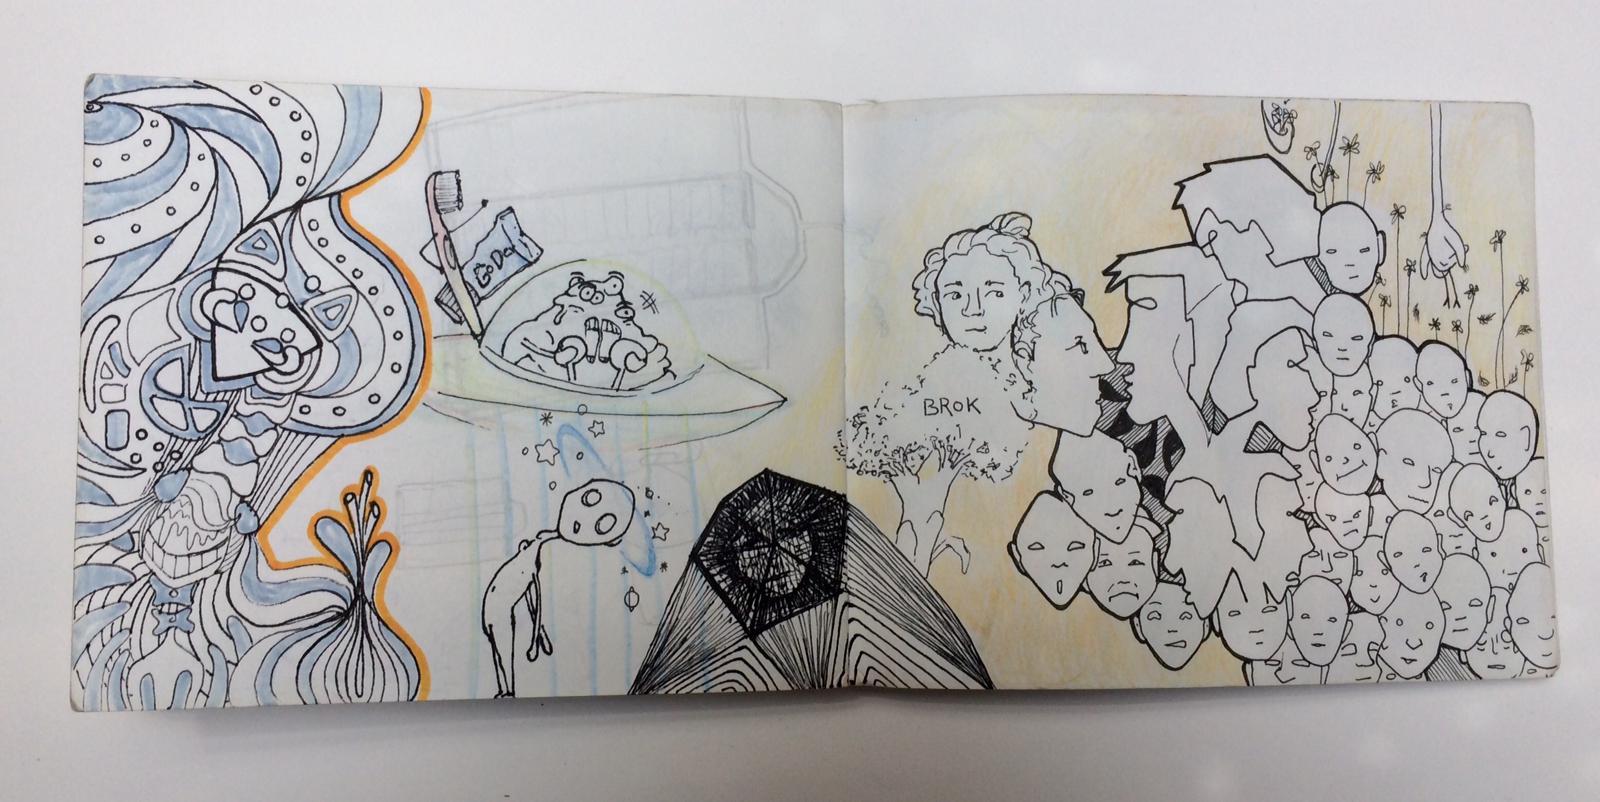 werkstatt-eden-lis-werner-illustration-skizzenbuch15